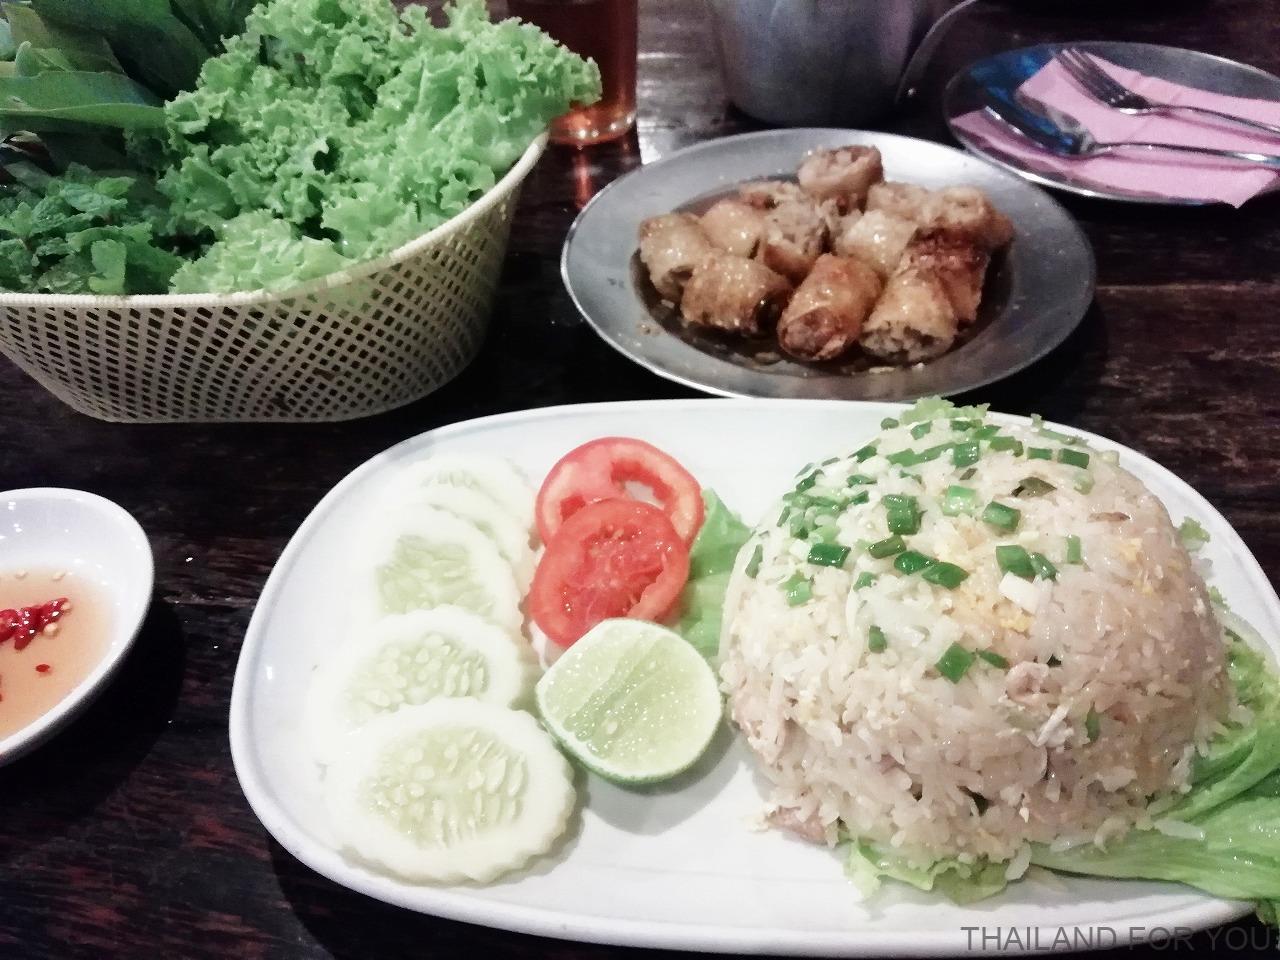 ウボンラチャタニ ベトナム料理 インドチーン Indochine